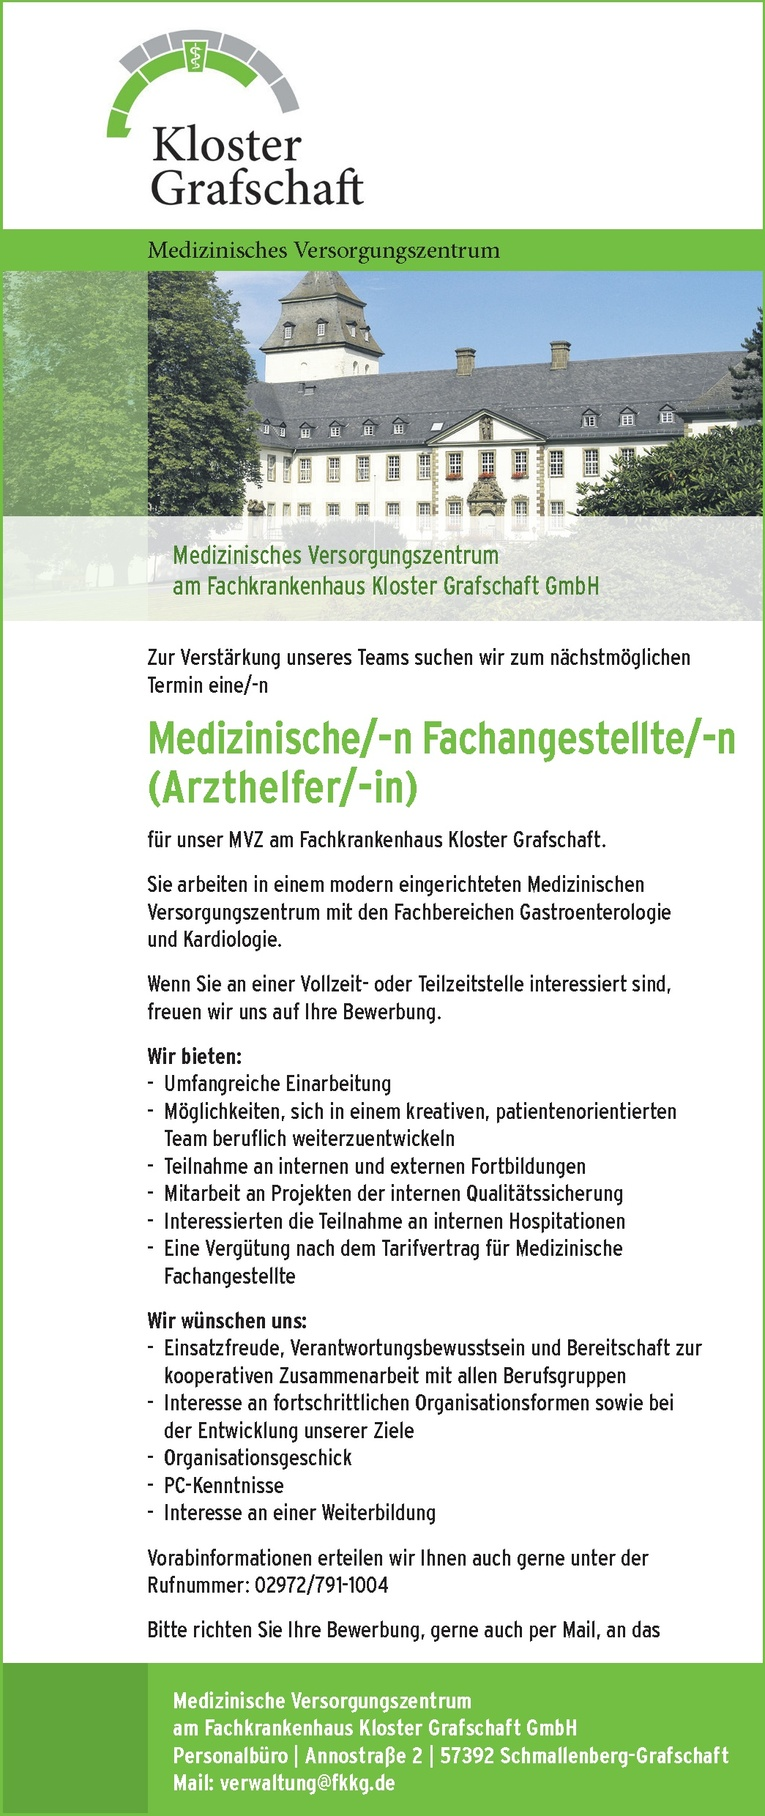 Medizinische/-n Fachangestellte/-n (Arzthelfer/-in) für unsere MVZ am Fachkrankenhaus Kloster Grafschaft